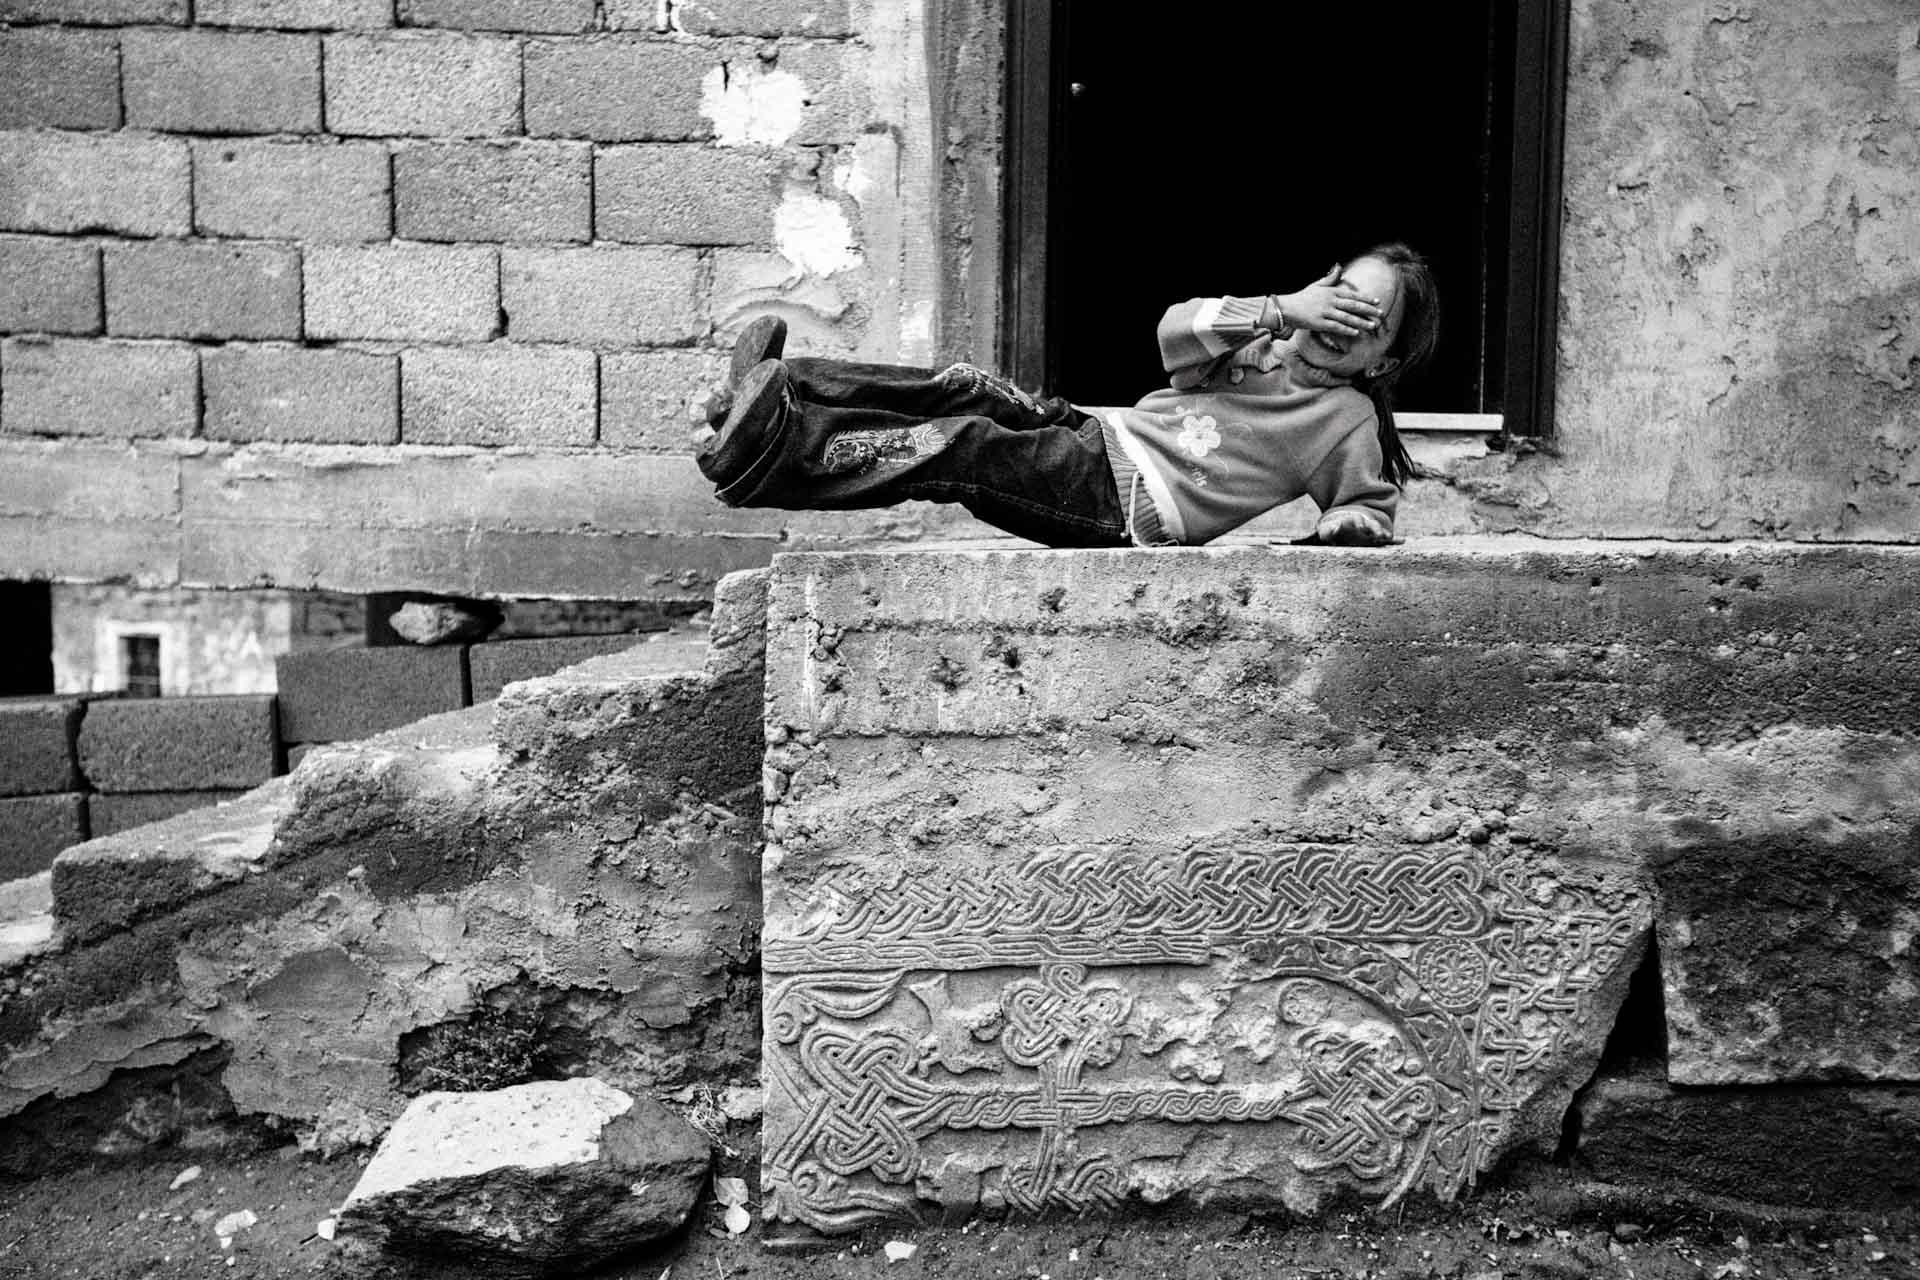 Wie gering der Respekt bzw. das Wissen über die armenische Kultur bei den jetzigen Bewohnern ist, zeigt der Umgang mit diesem Kreuzstein, der ins Treppenfundament einbetoniert wurde...